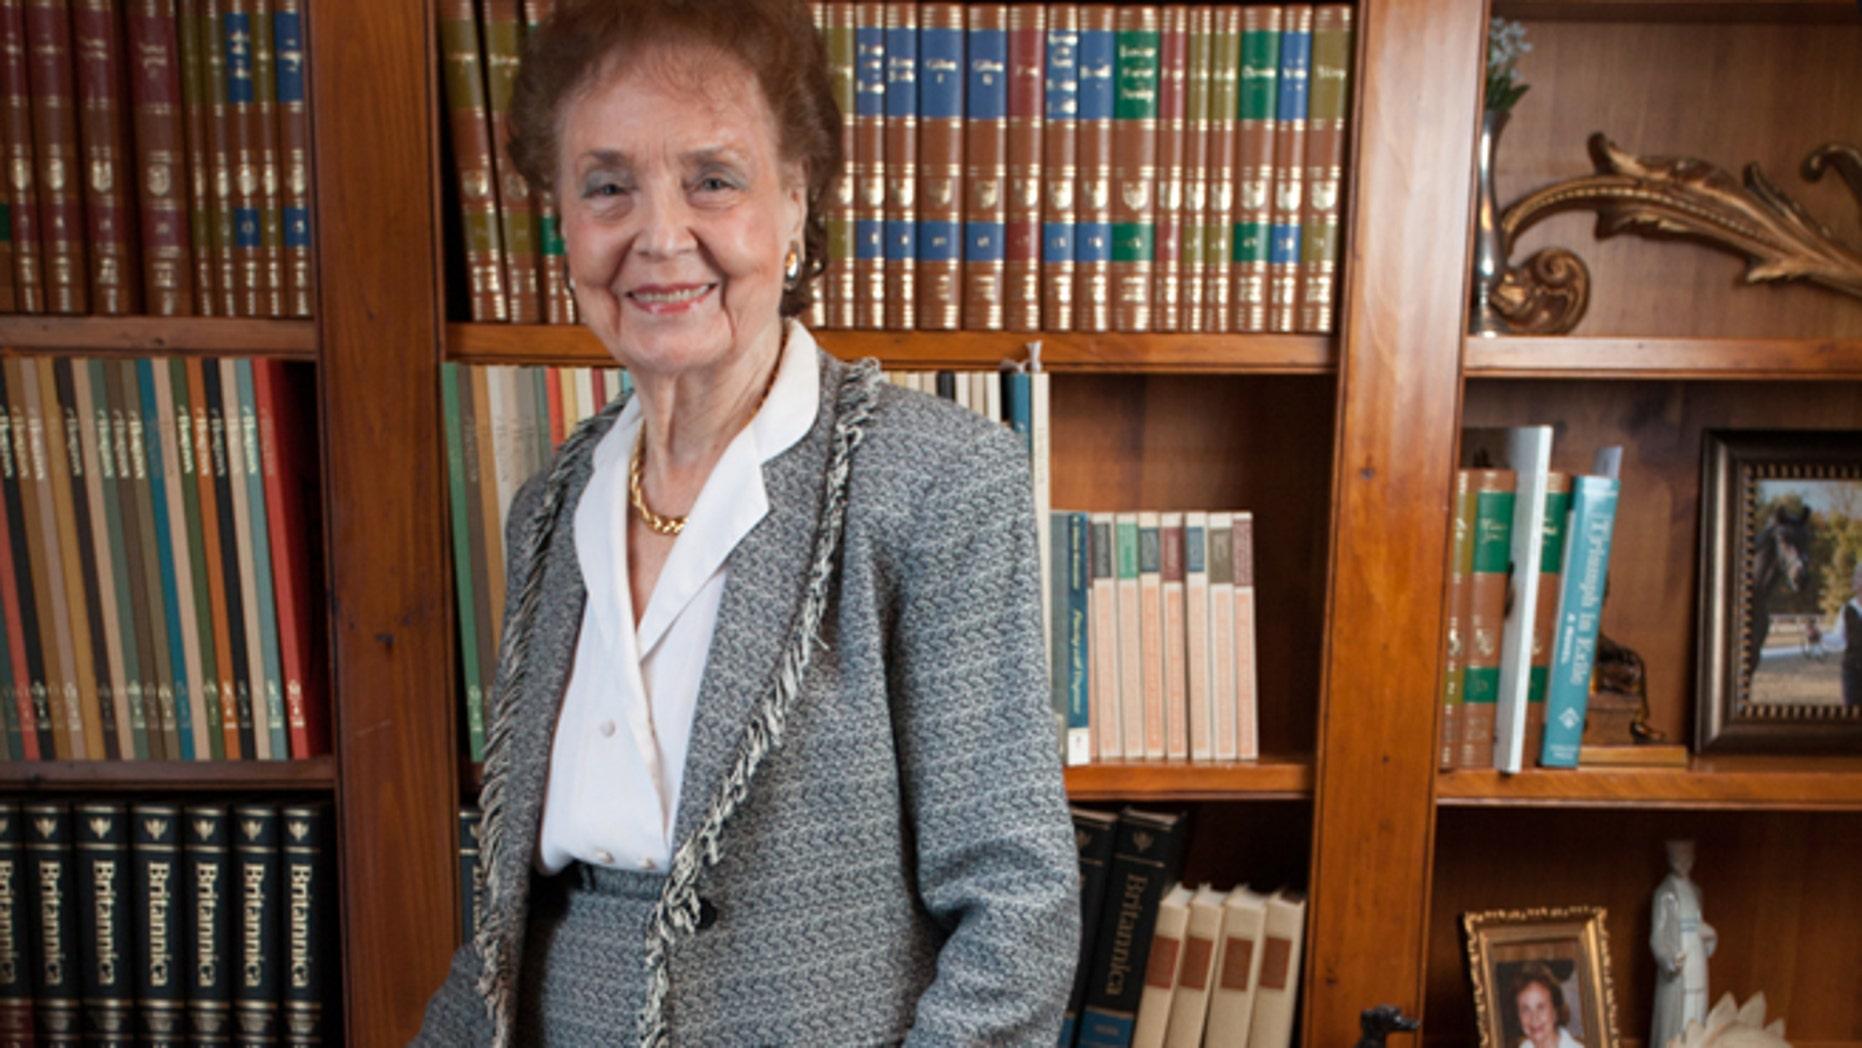 Victoria Schmidt is 92-years-old.